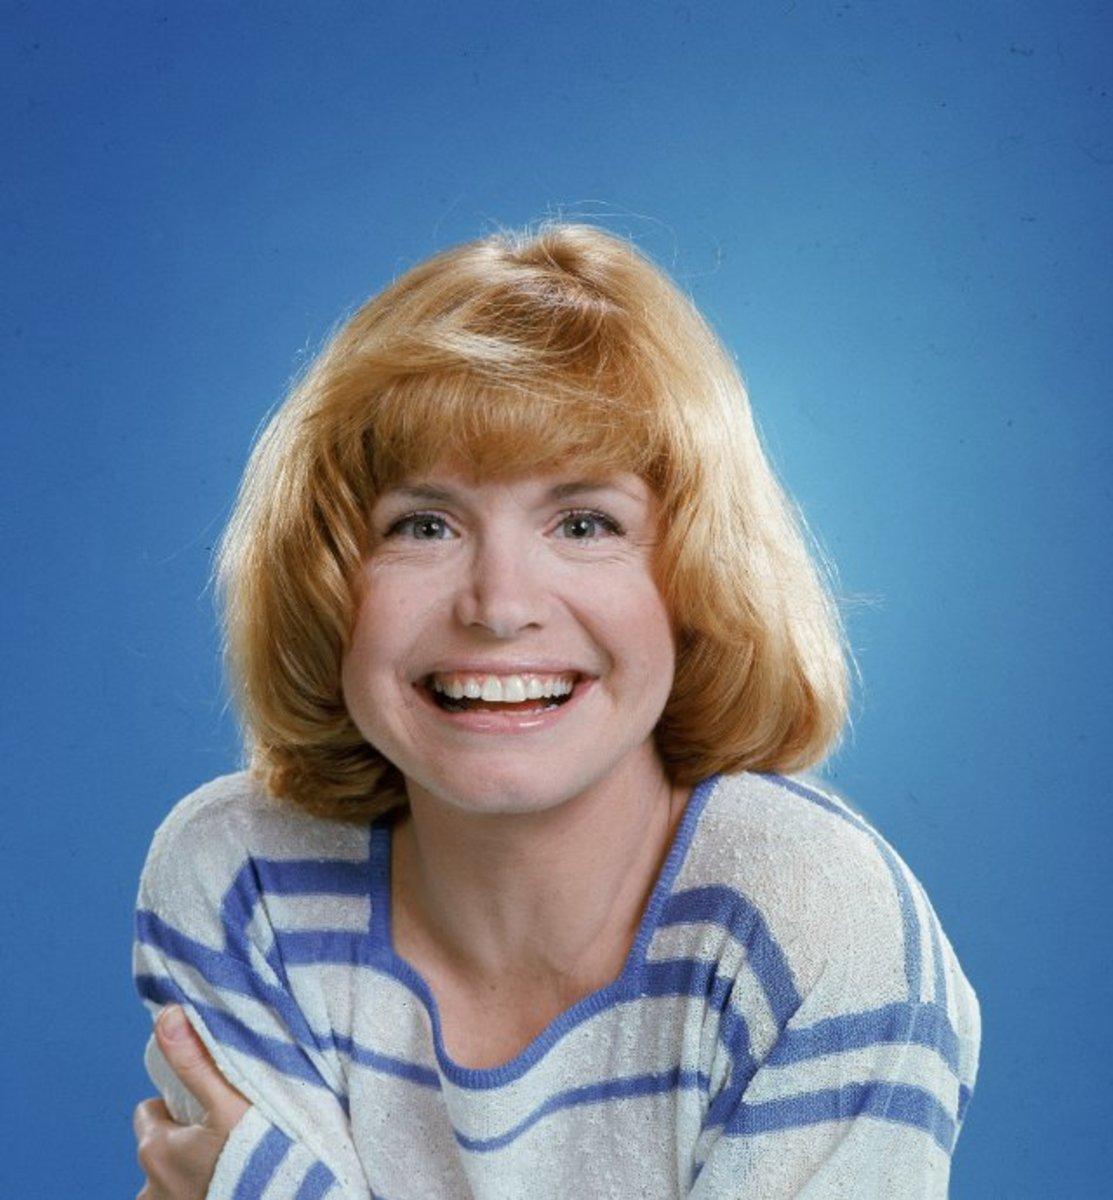 Bonnie Franklin, 1975